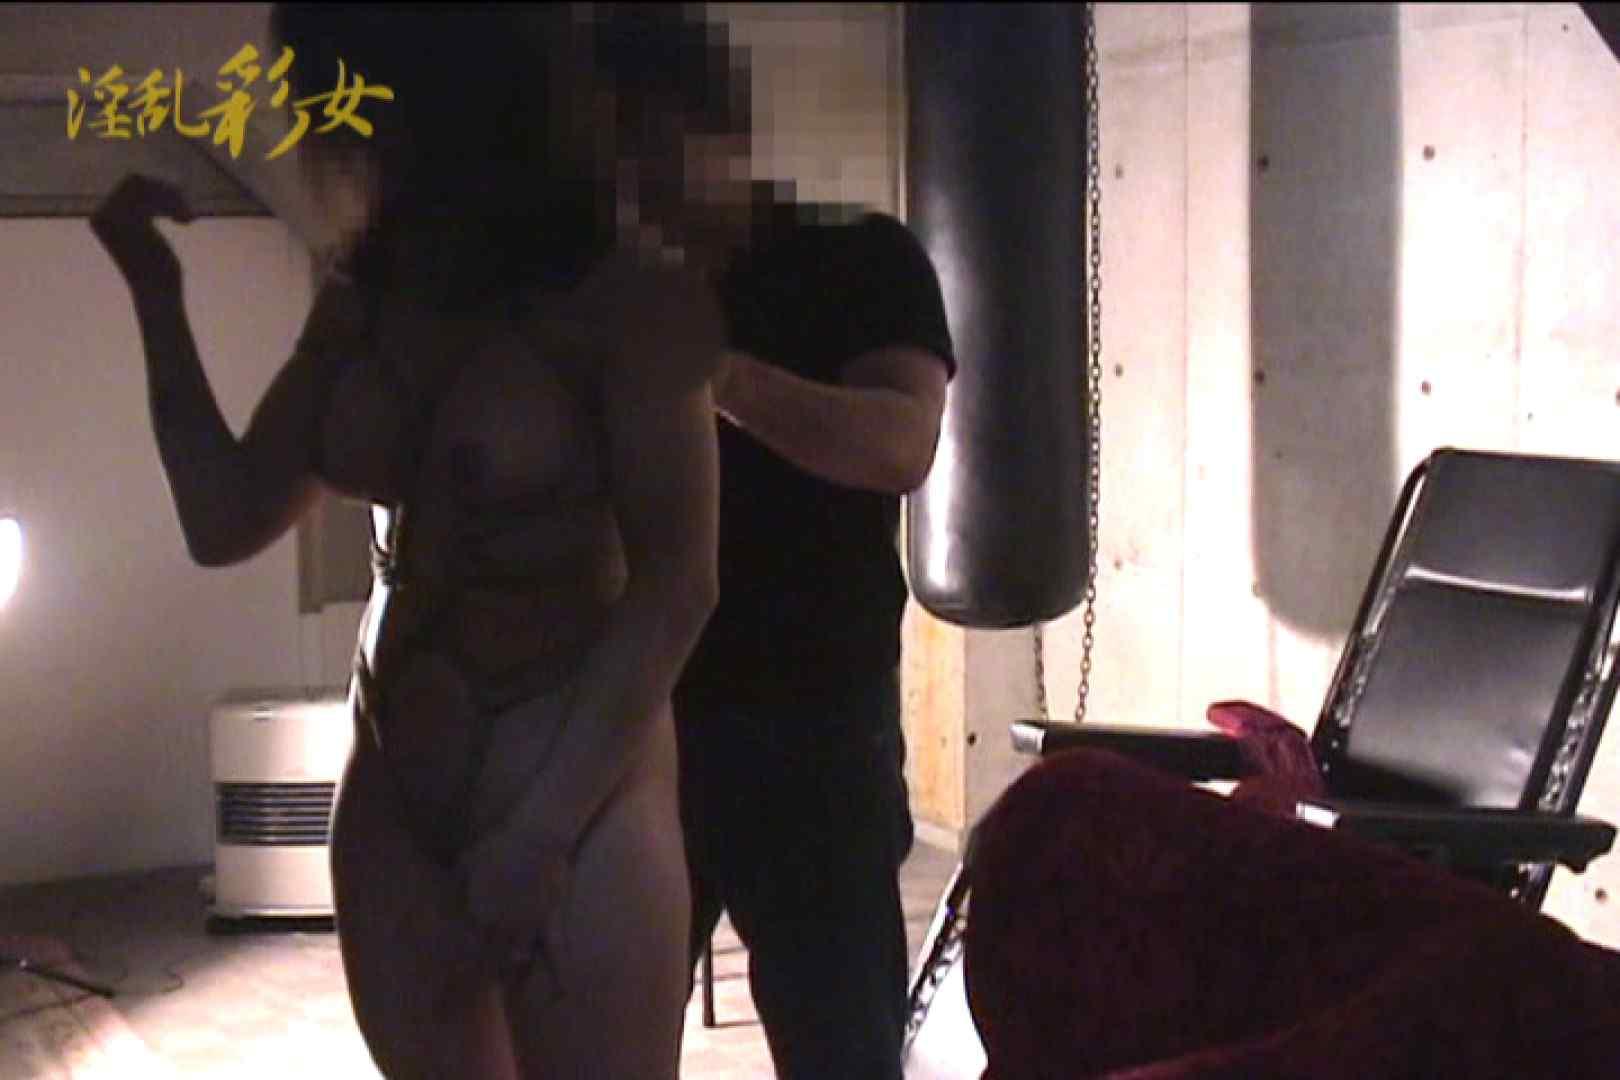 淫乱彩女 麻優里 スタジオで撮影 人妻のエロ生活   淫乱  106連発 16